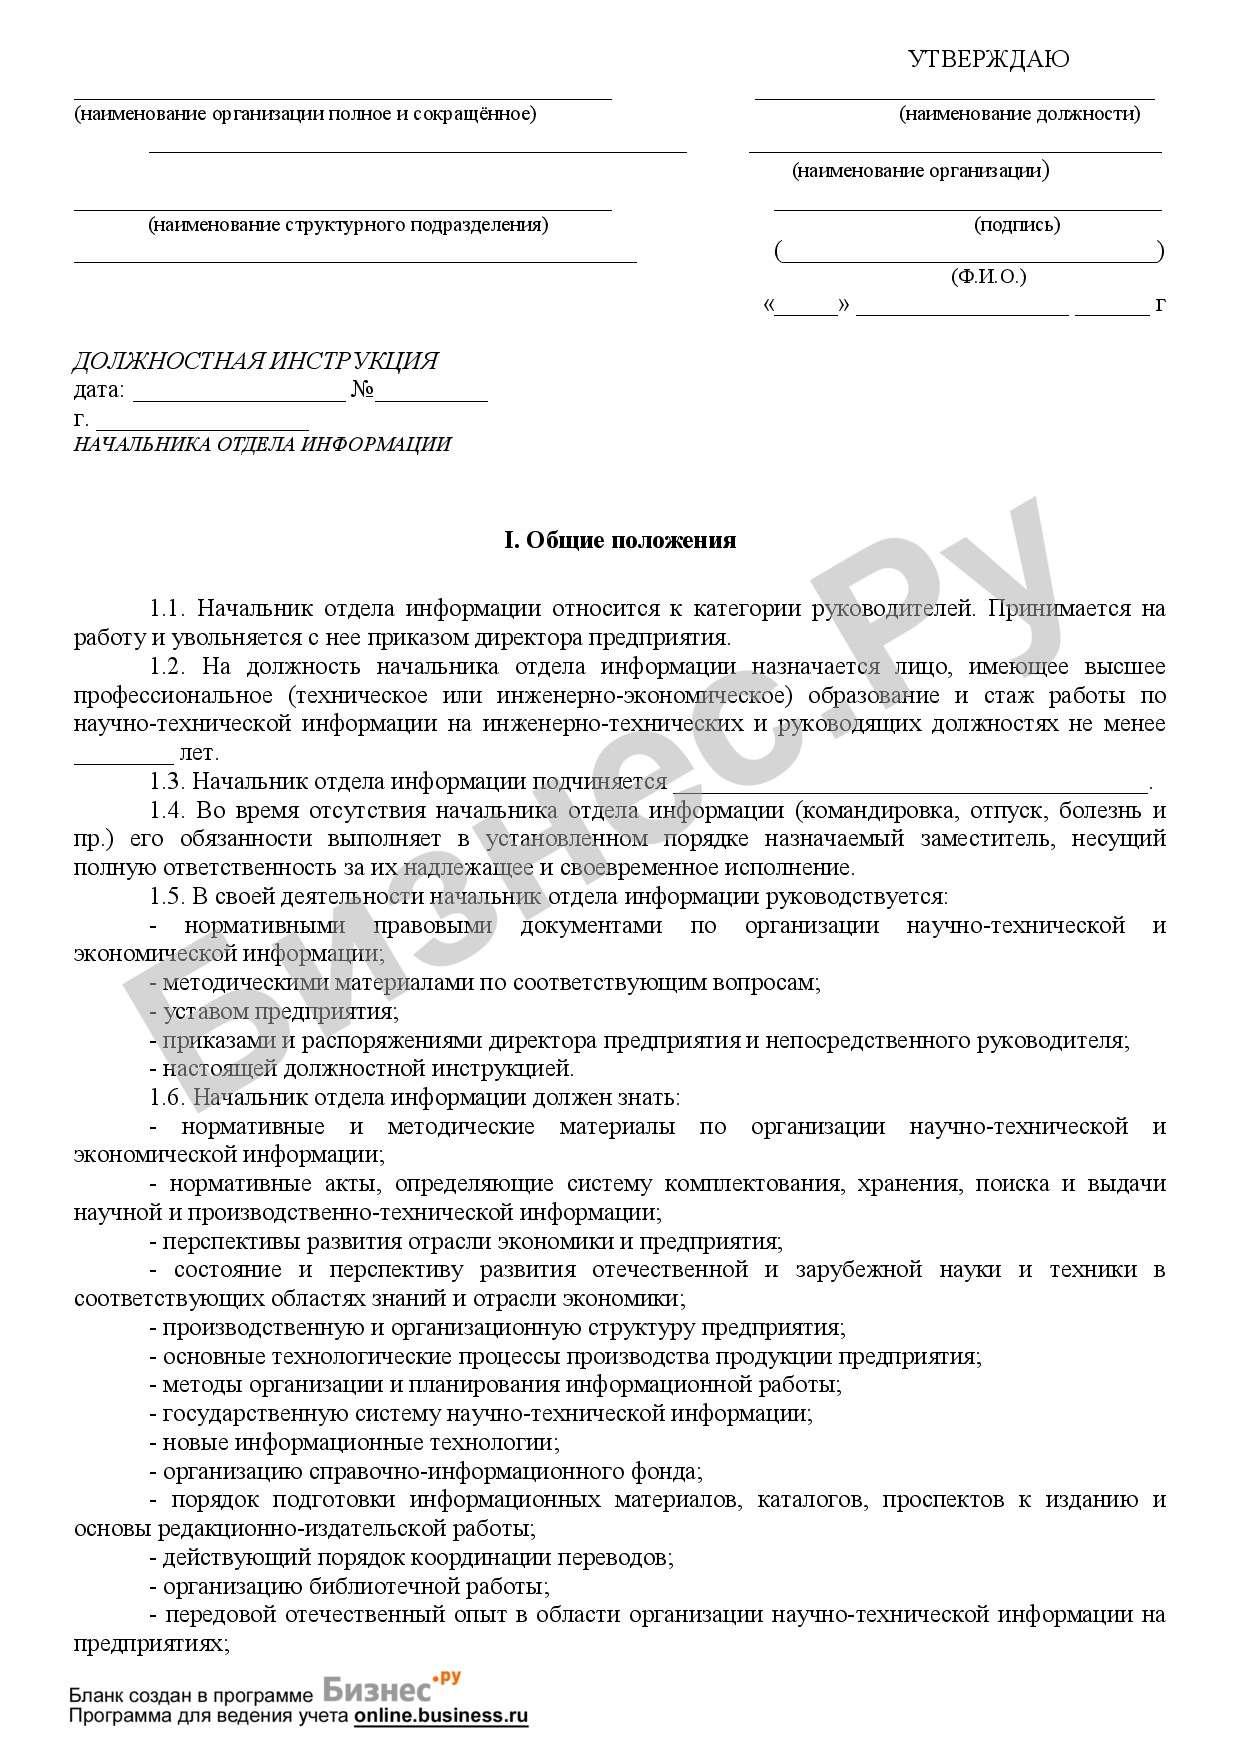 Должностная инструкция начальника отдела кадров скачать бесплатно